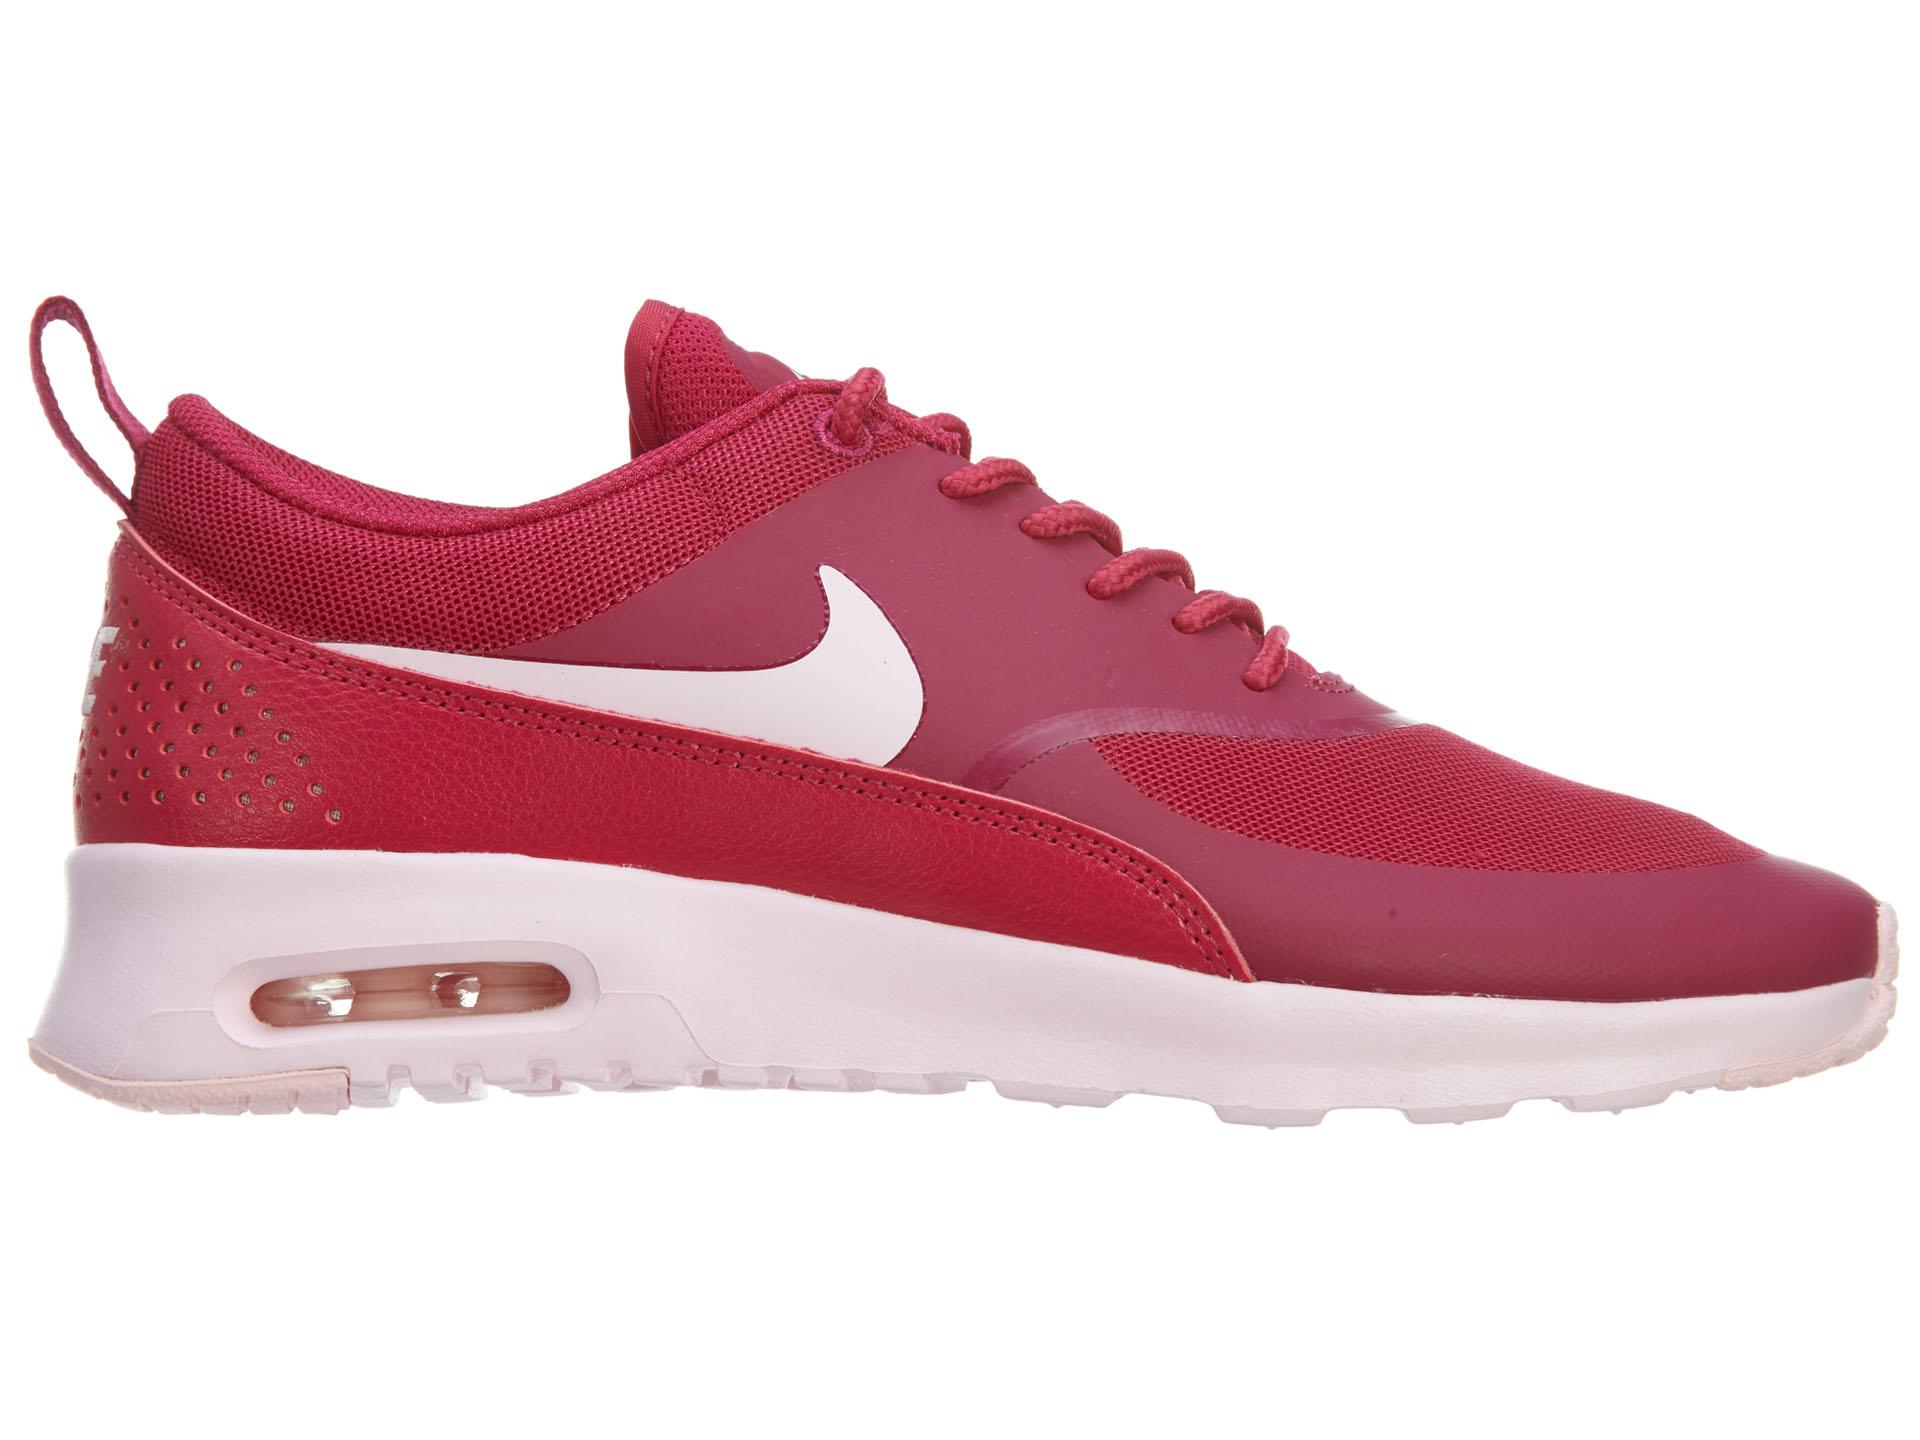 Nike Air Max Thea Sport Fuchsisa Prism